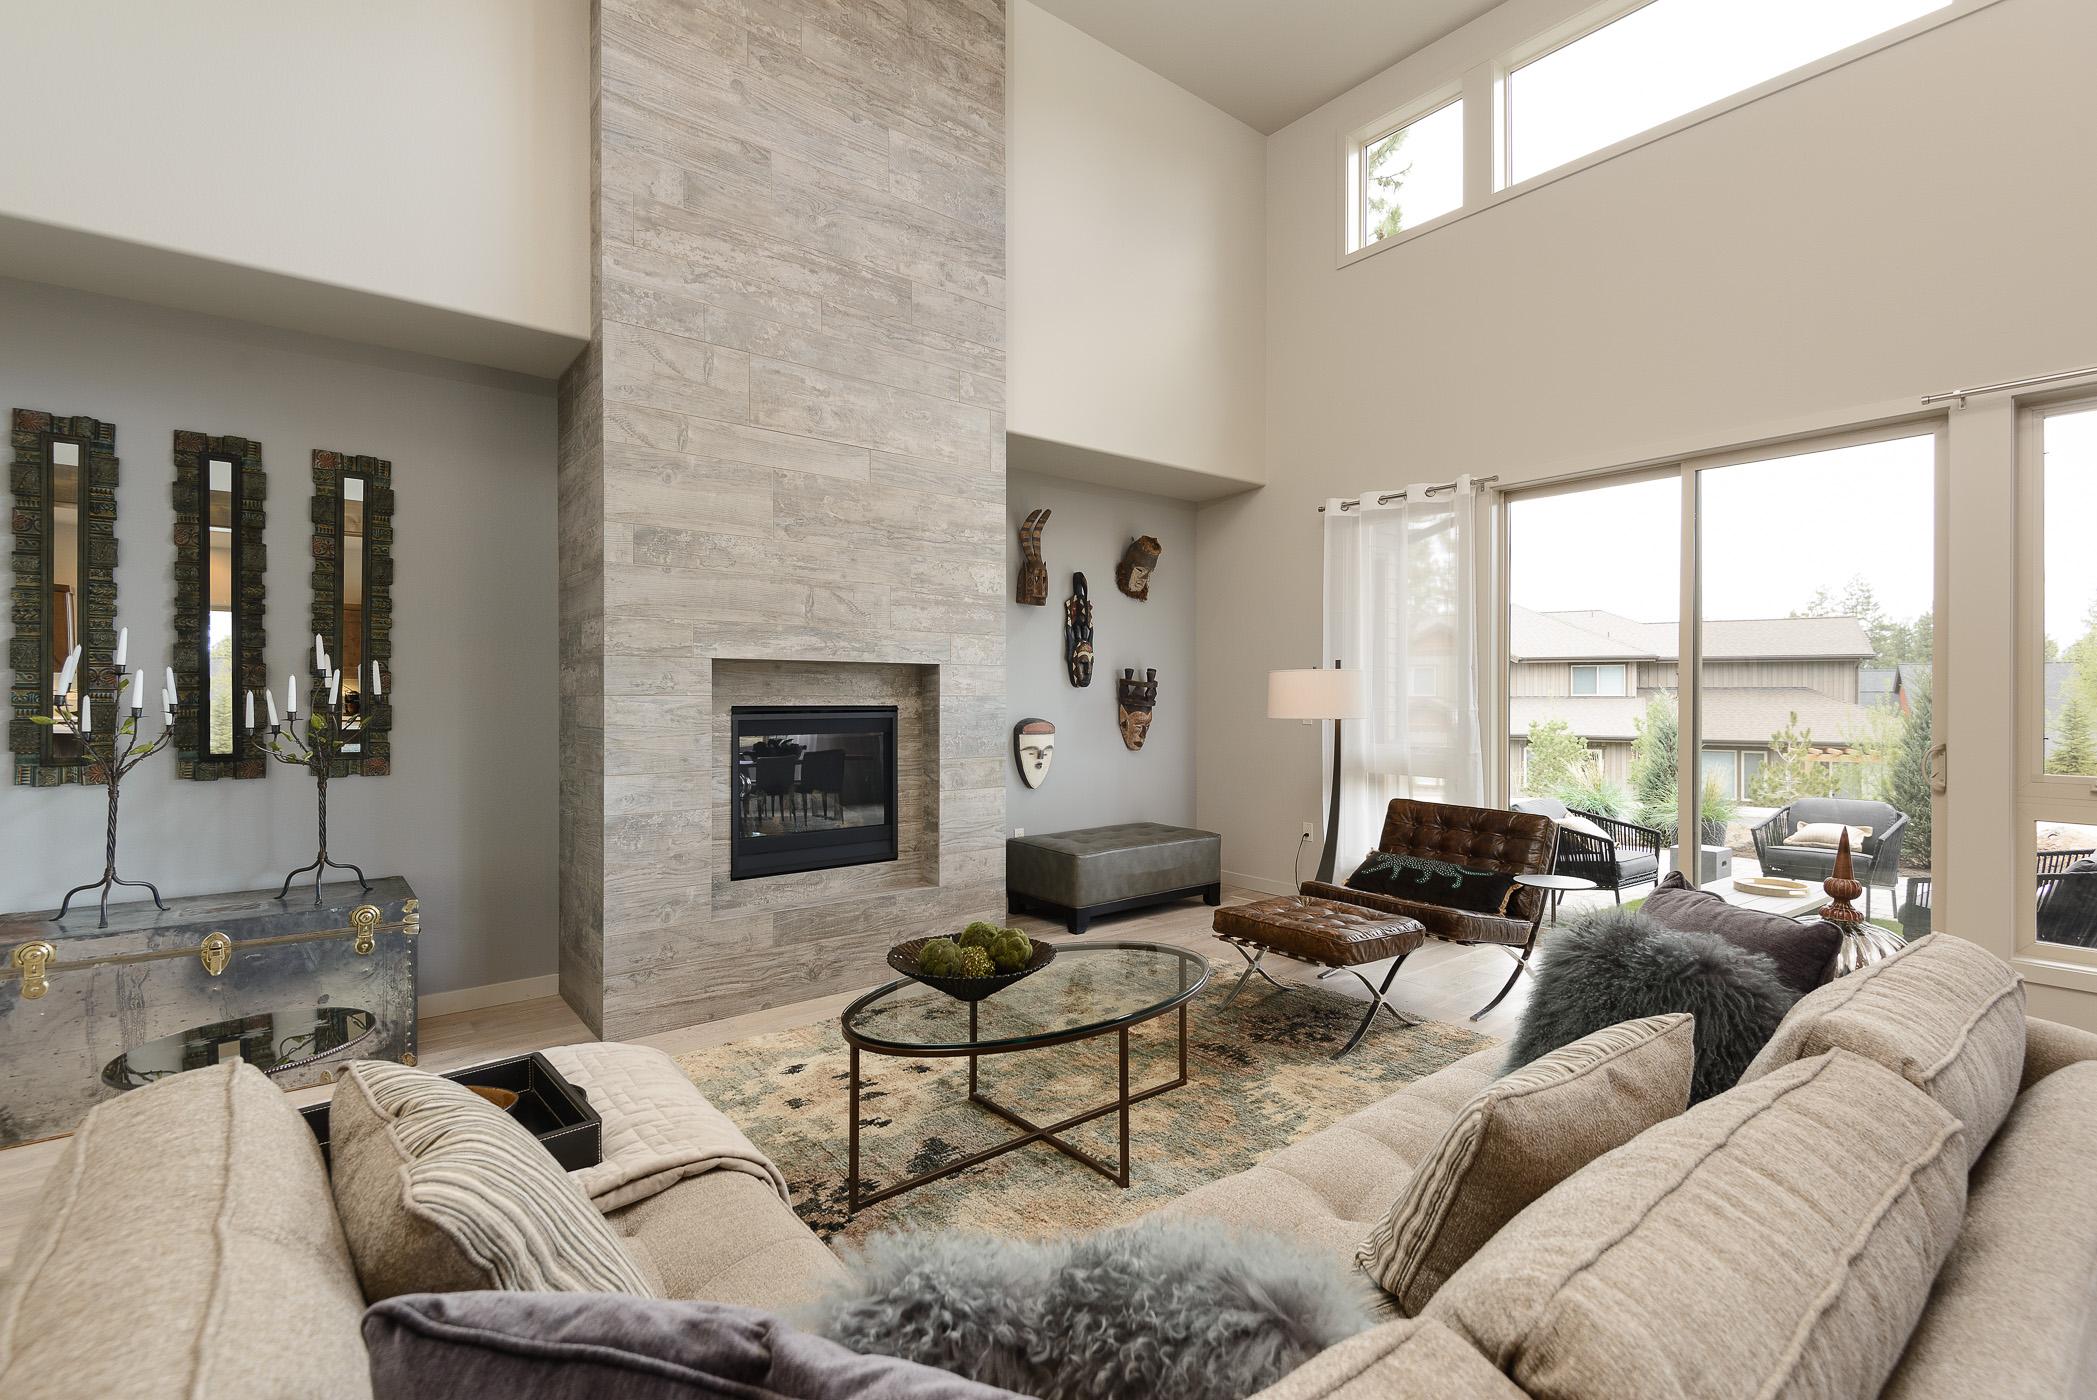 Milepost 1 Model Home living area